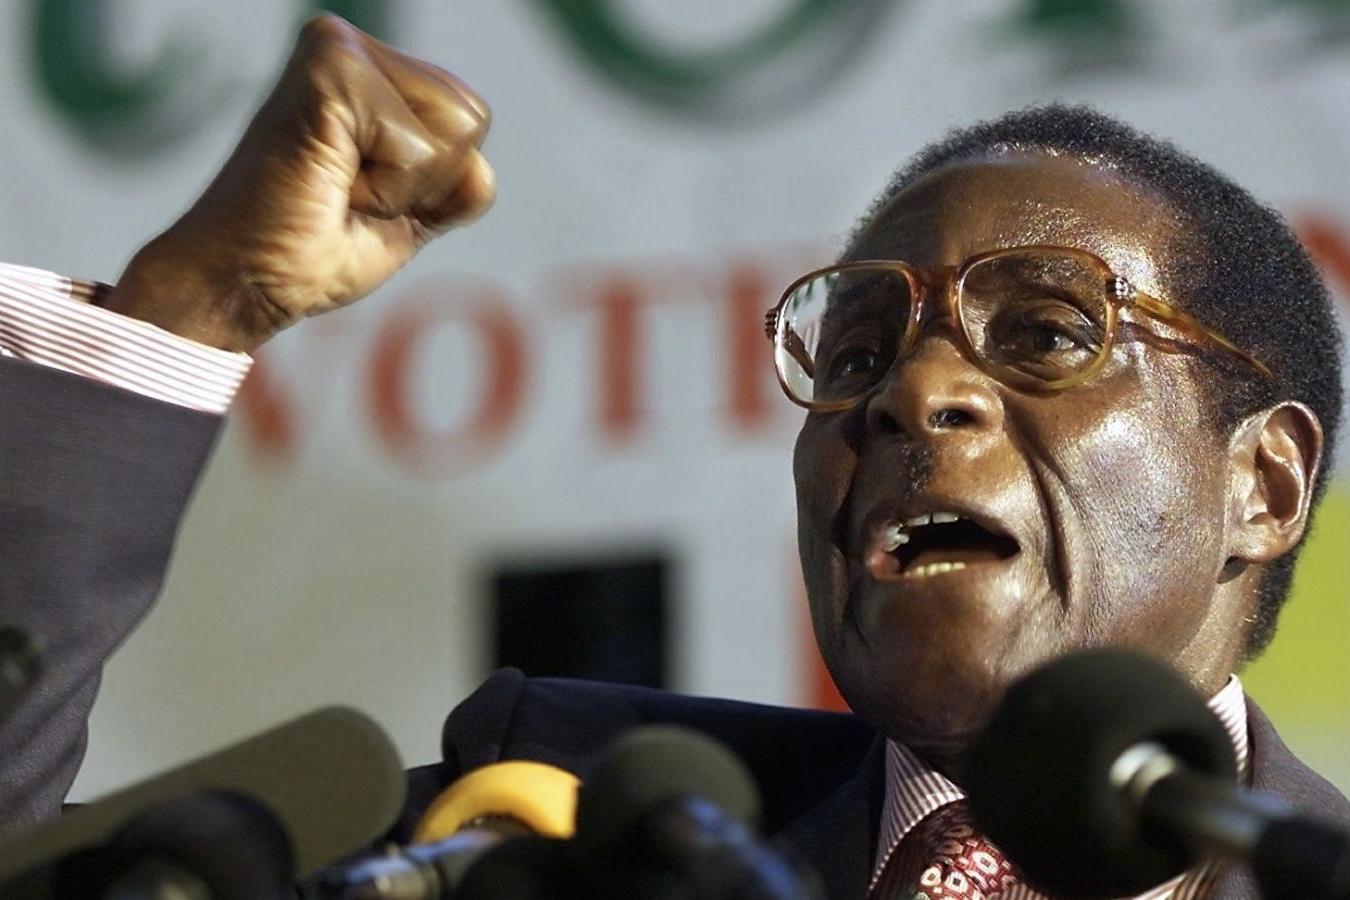 Robert Mugabe has still not resigned 1